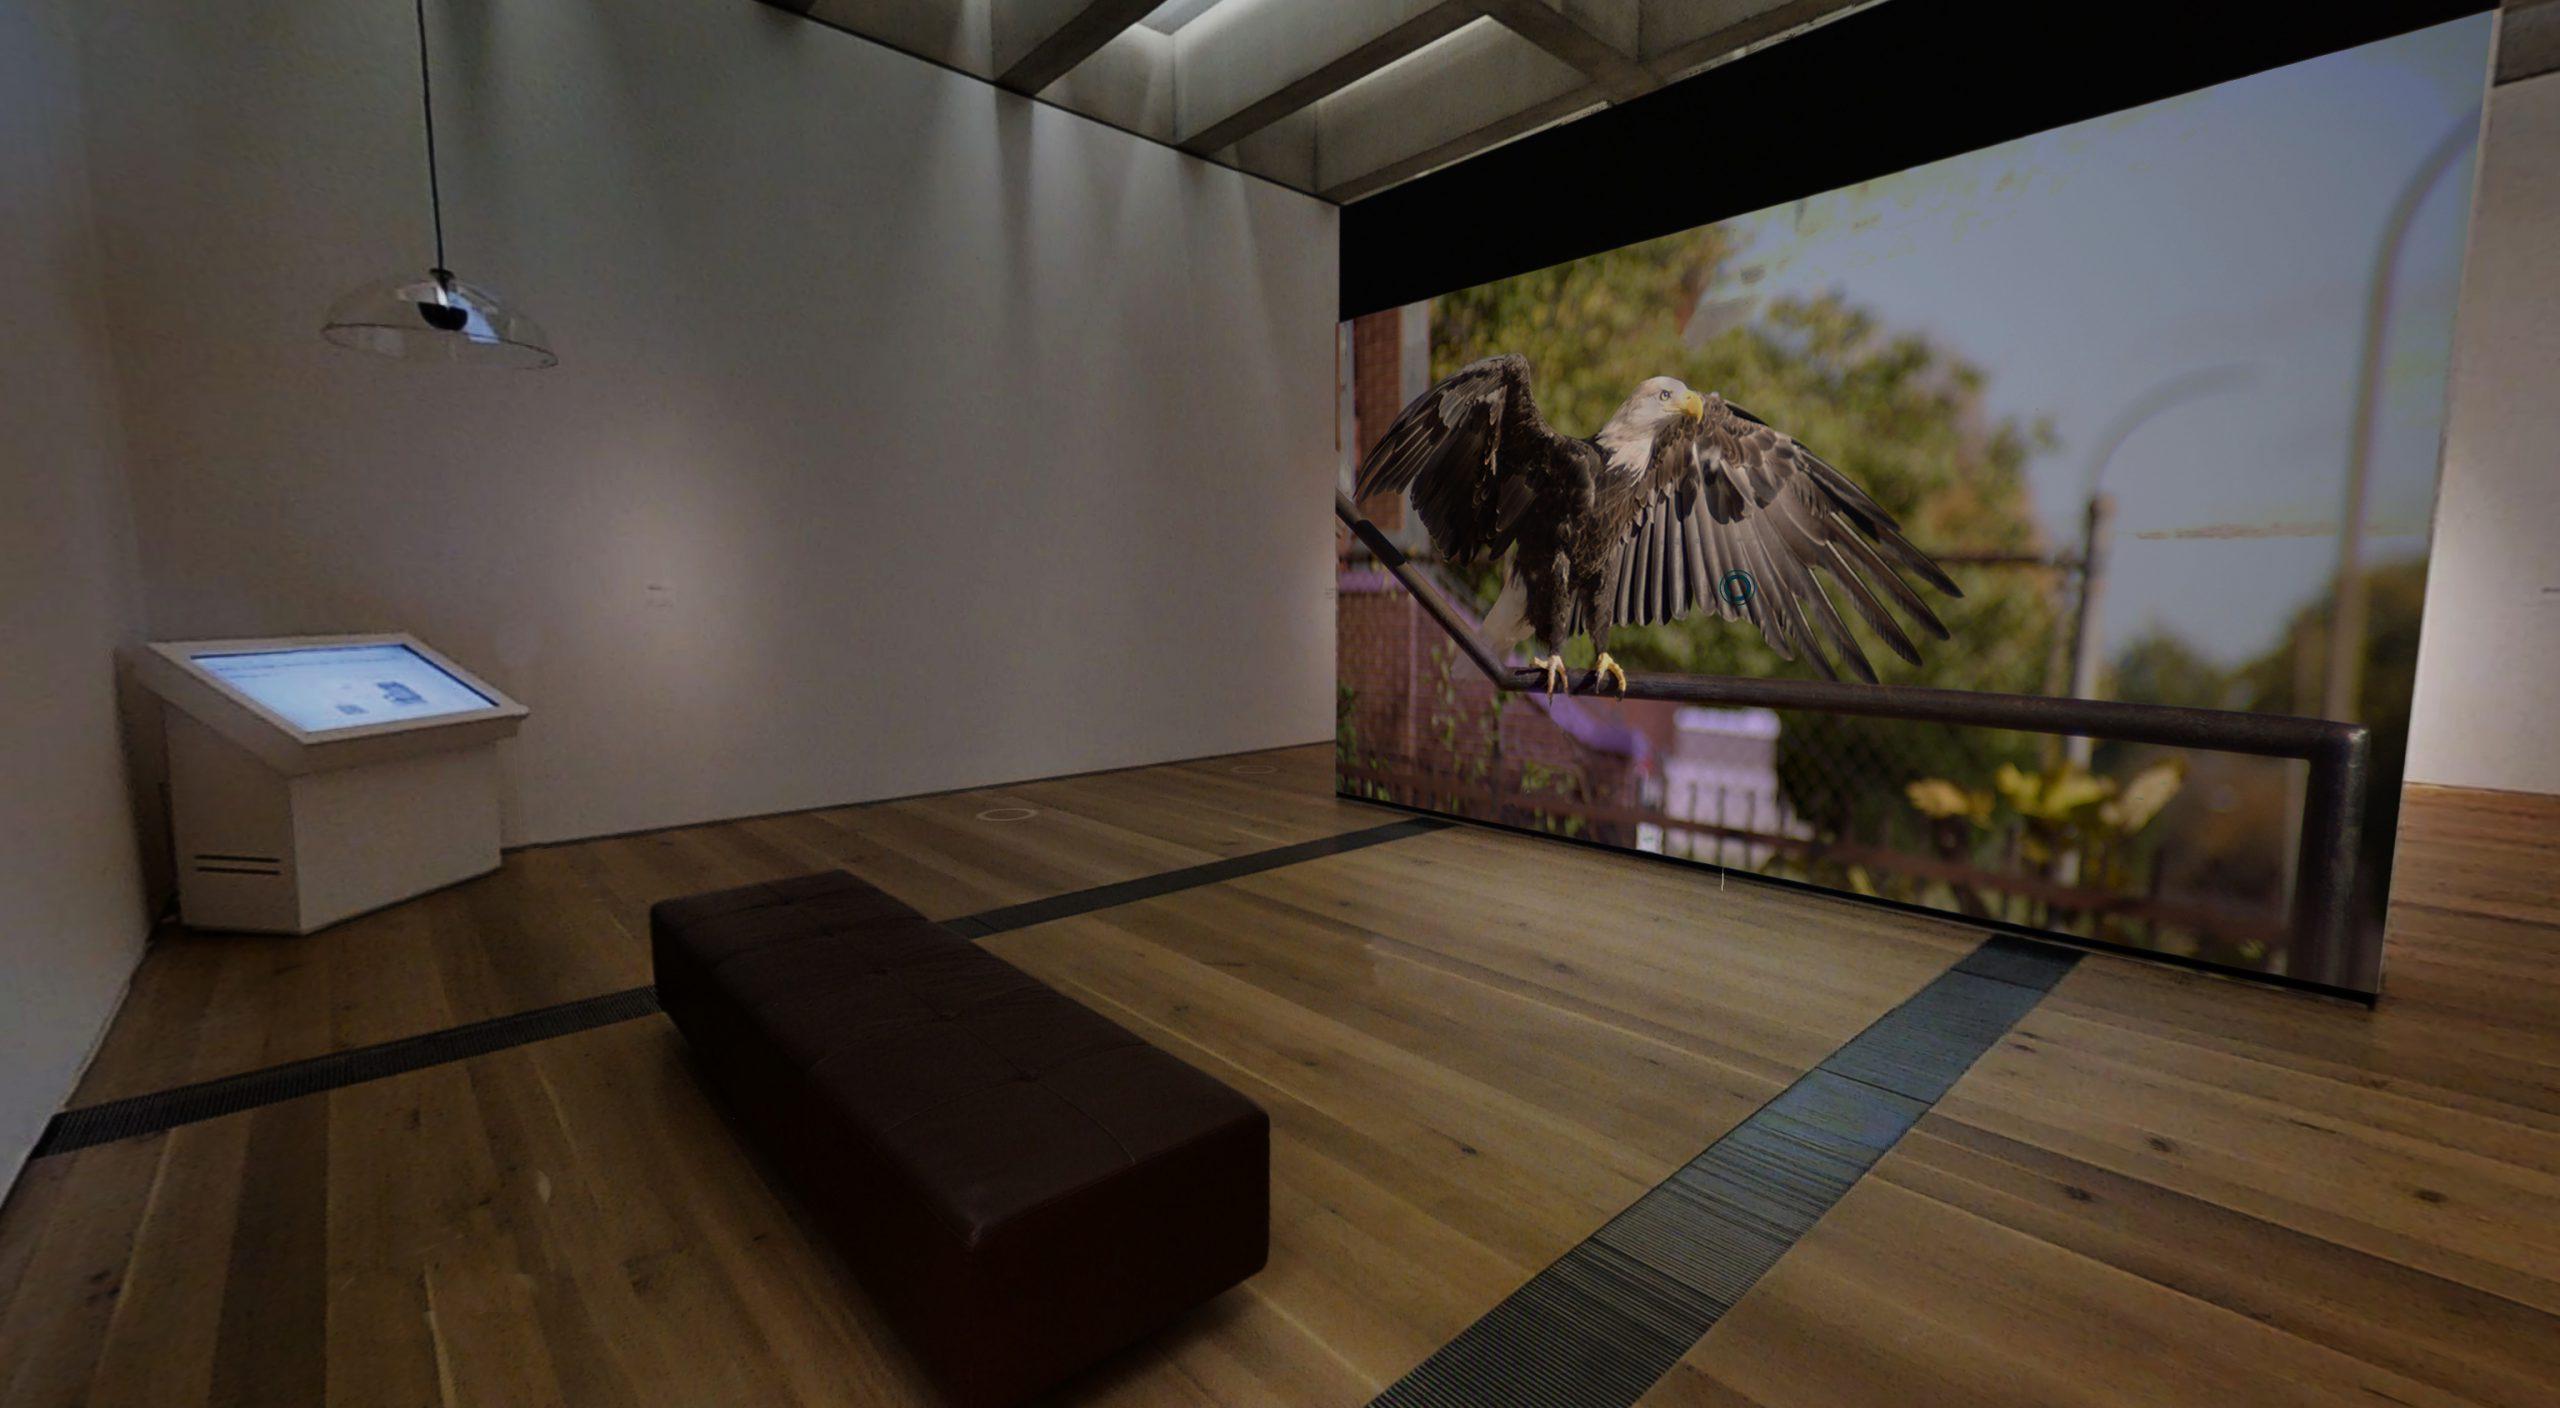 Dana Levy, Currents 119, installation view, Saint Louis Art Museum, April 2021